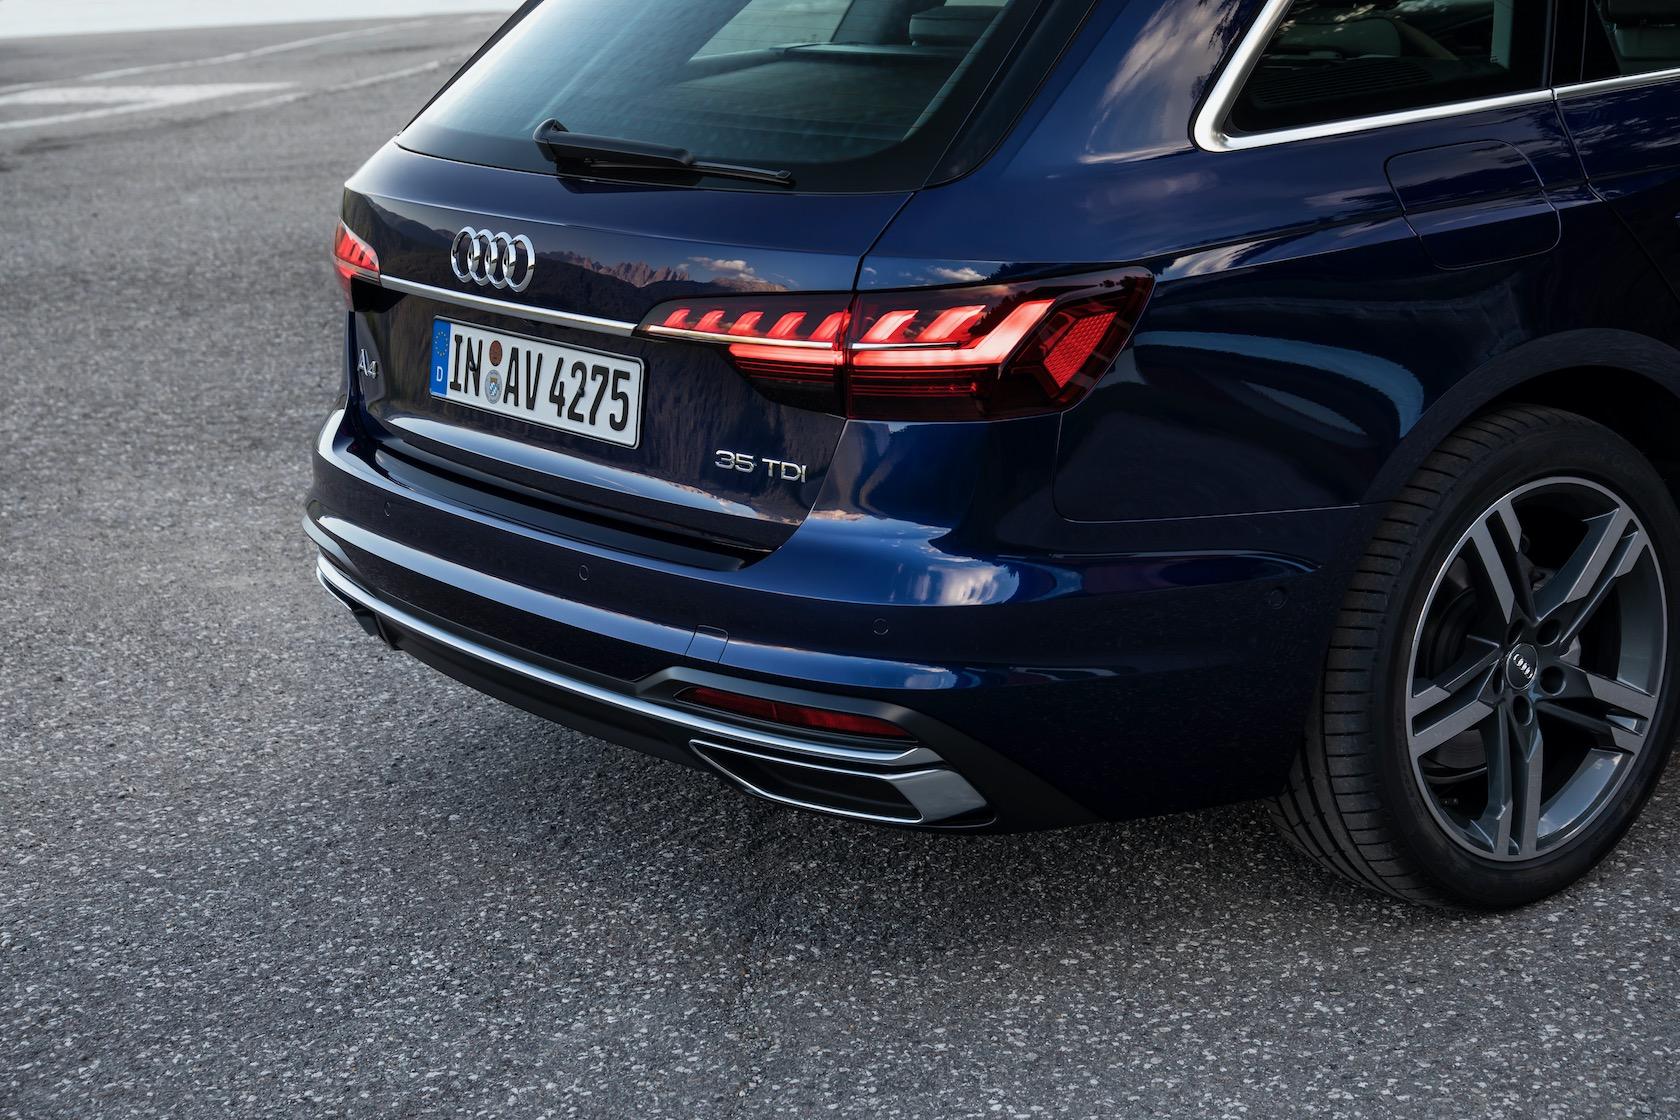 Erster Test Facelift Audi A4 Alles Auto